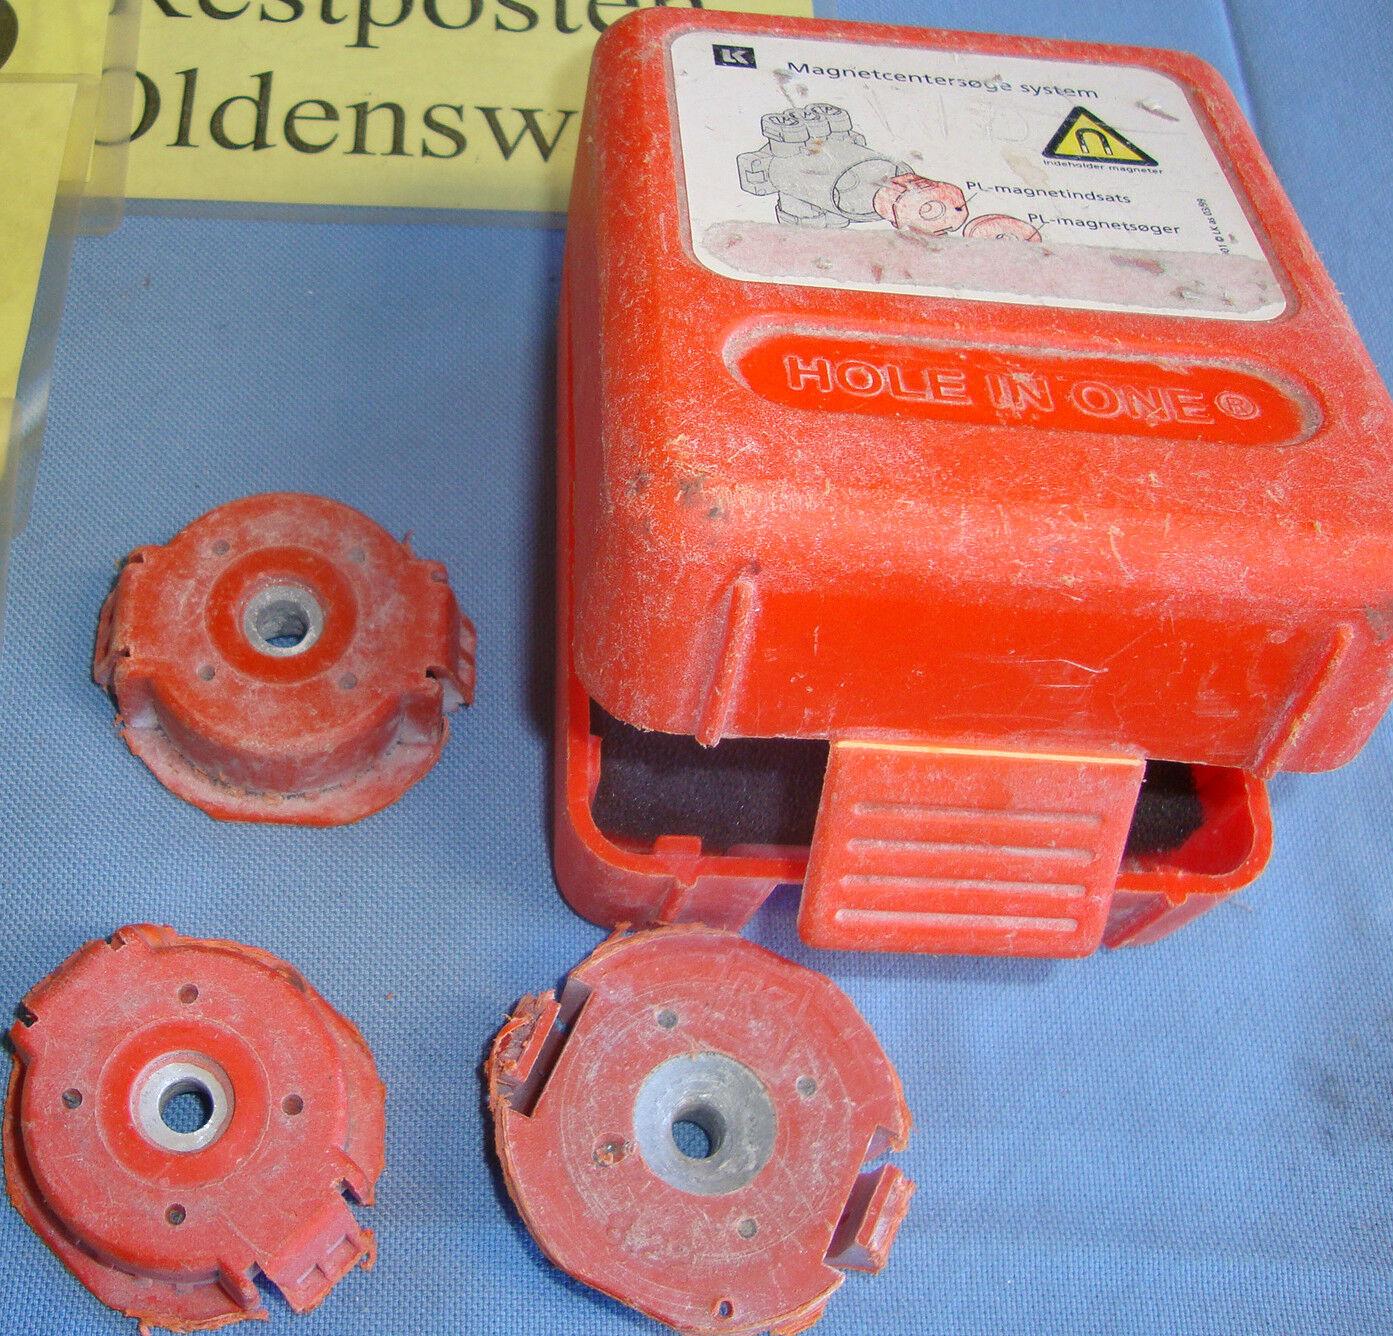 3 Haftmagnete für UP Dose Magnetcentersoge System Haftmagnet Magnet 3393